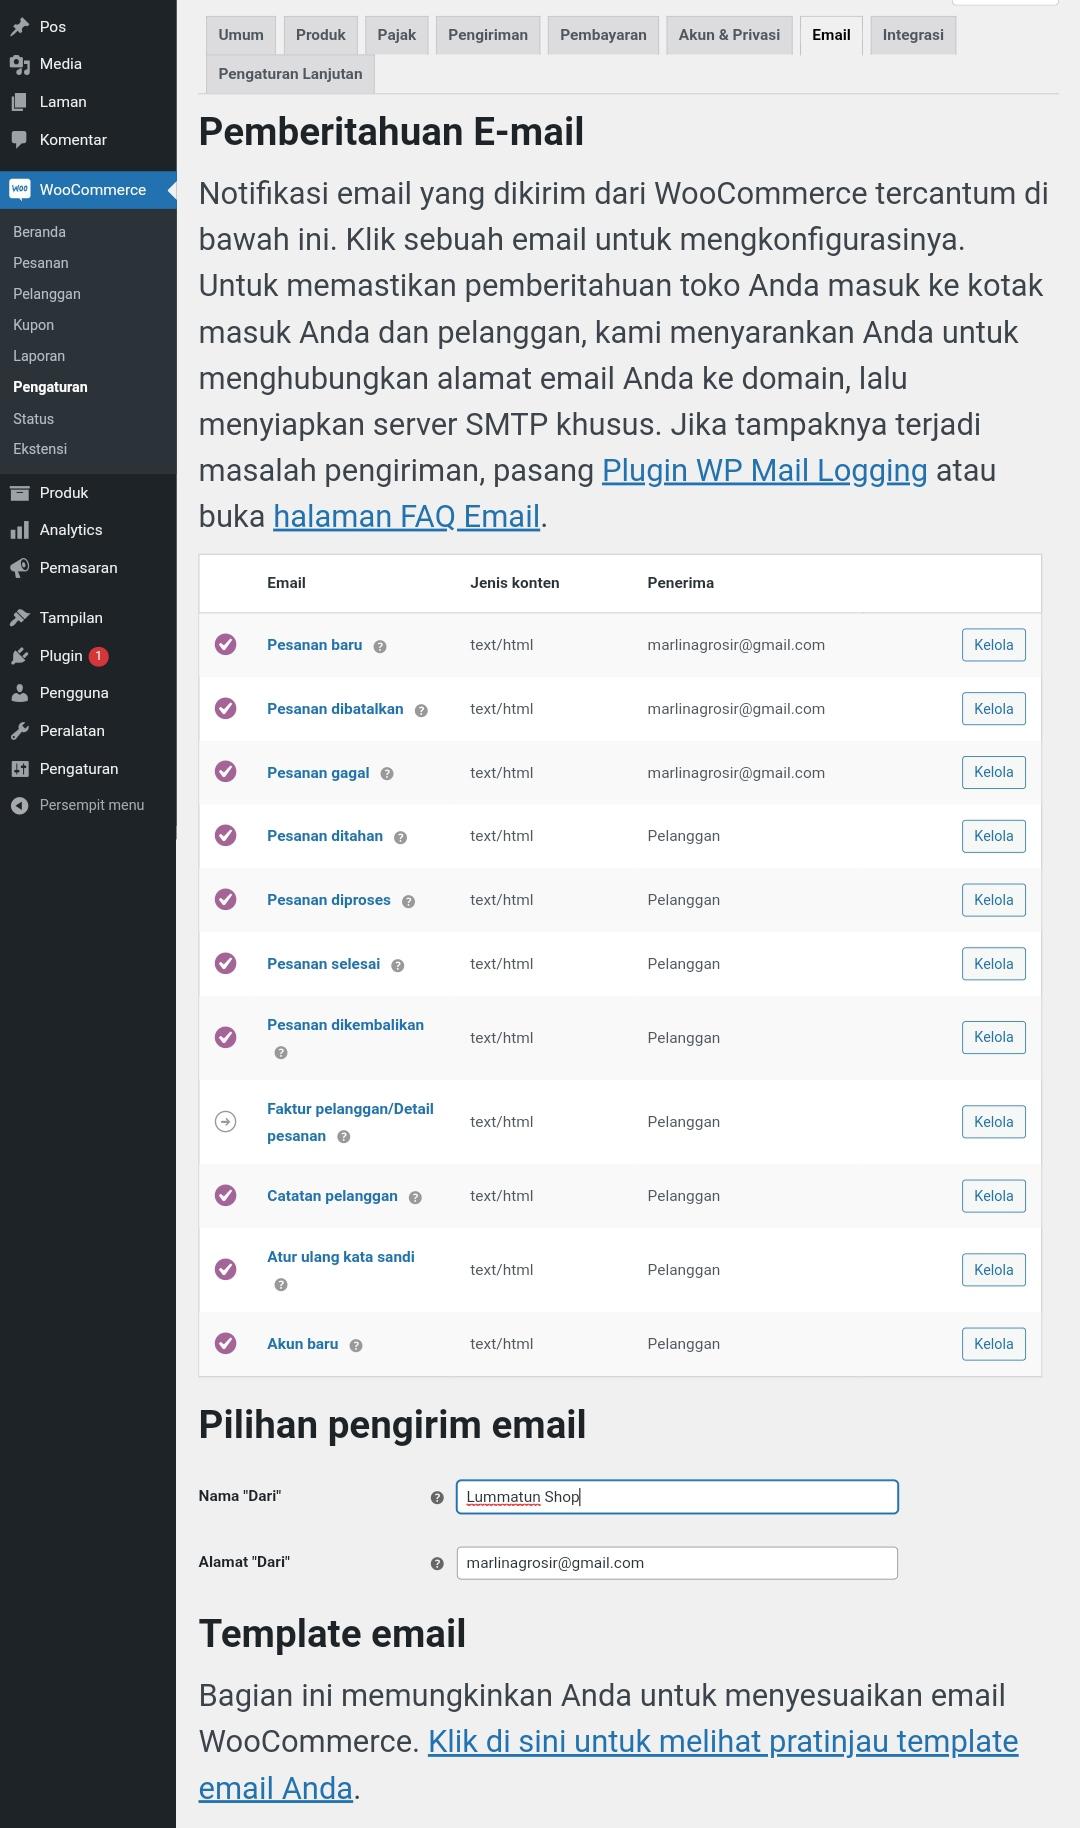 Pengaturan email